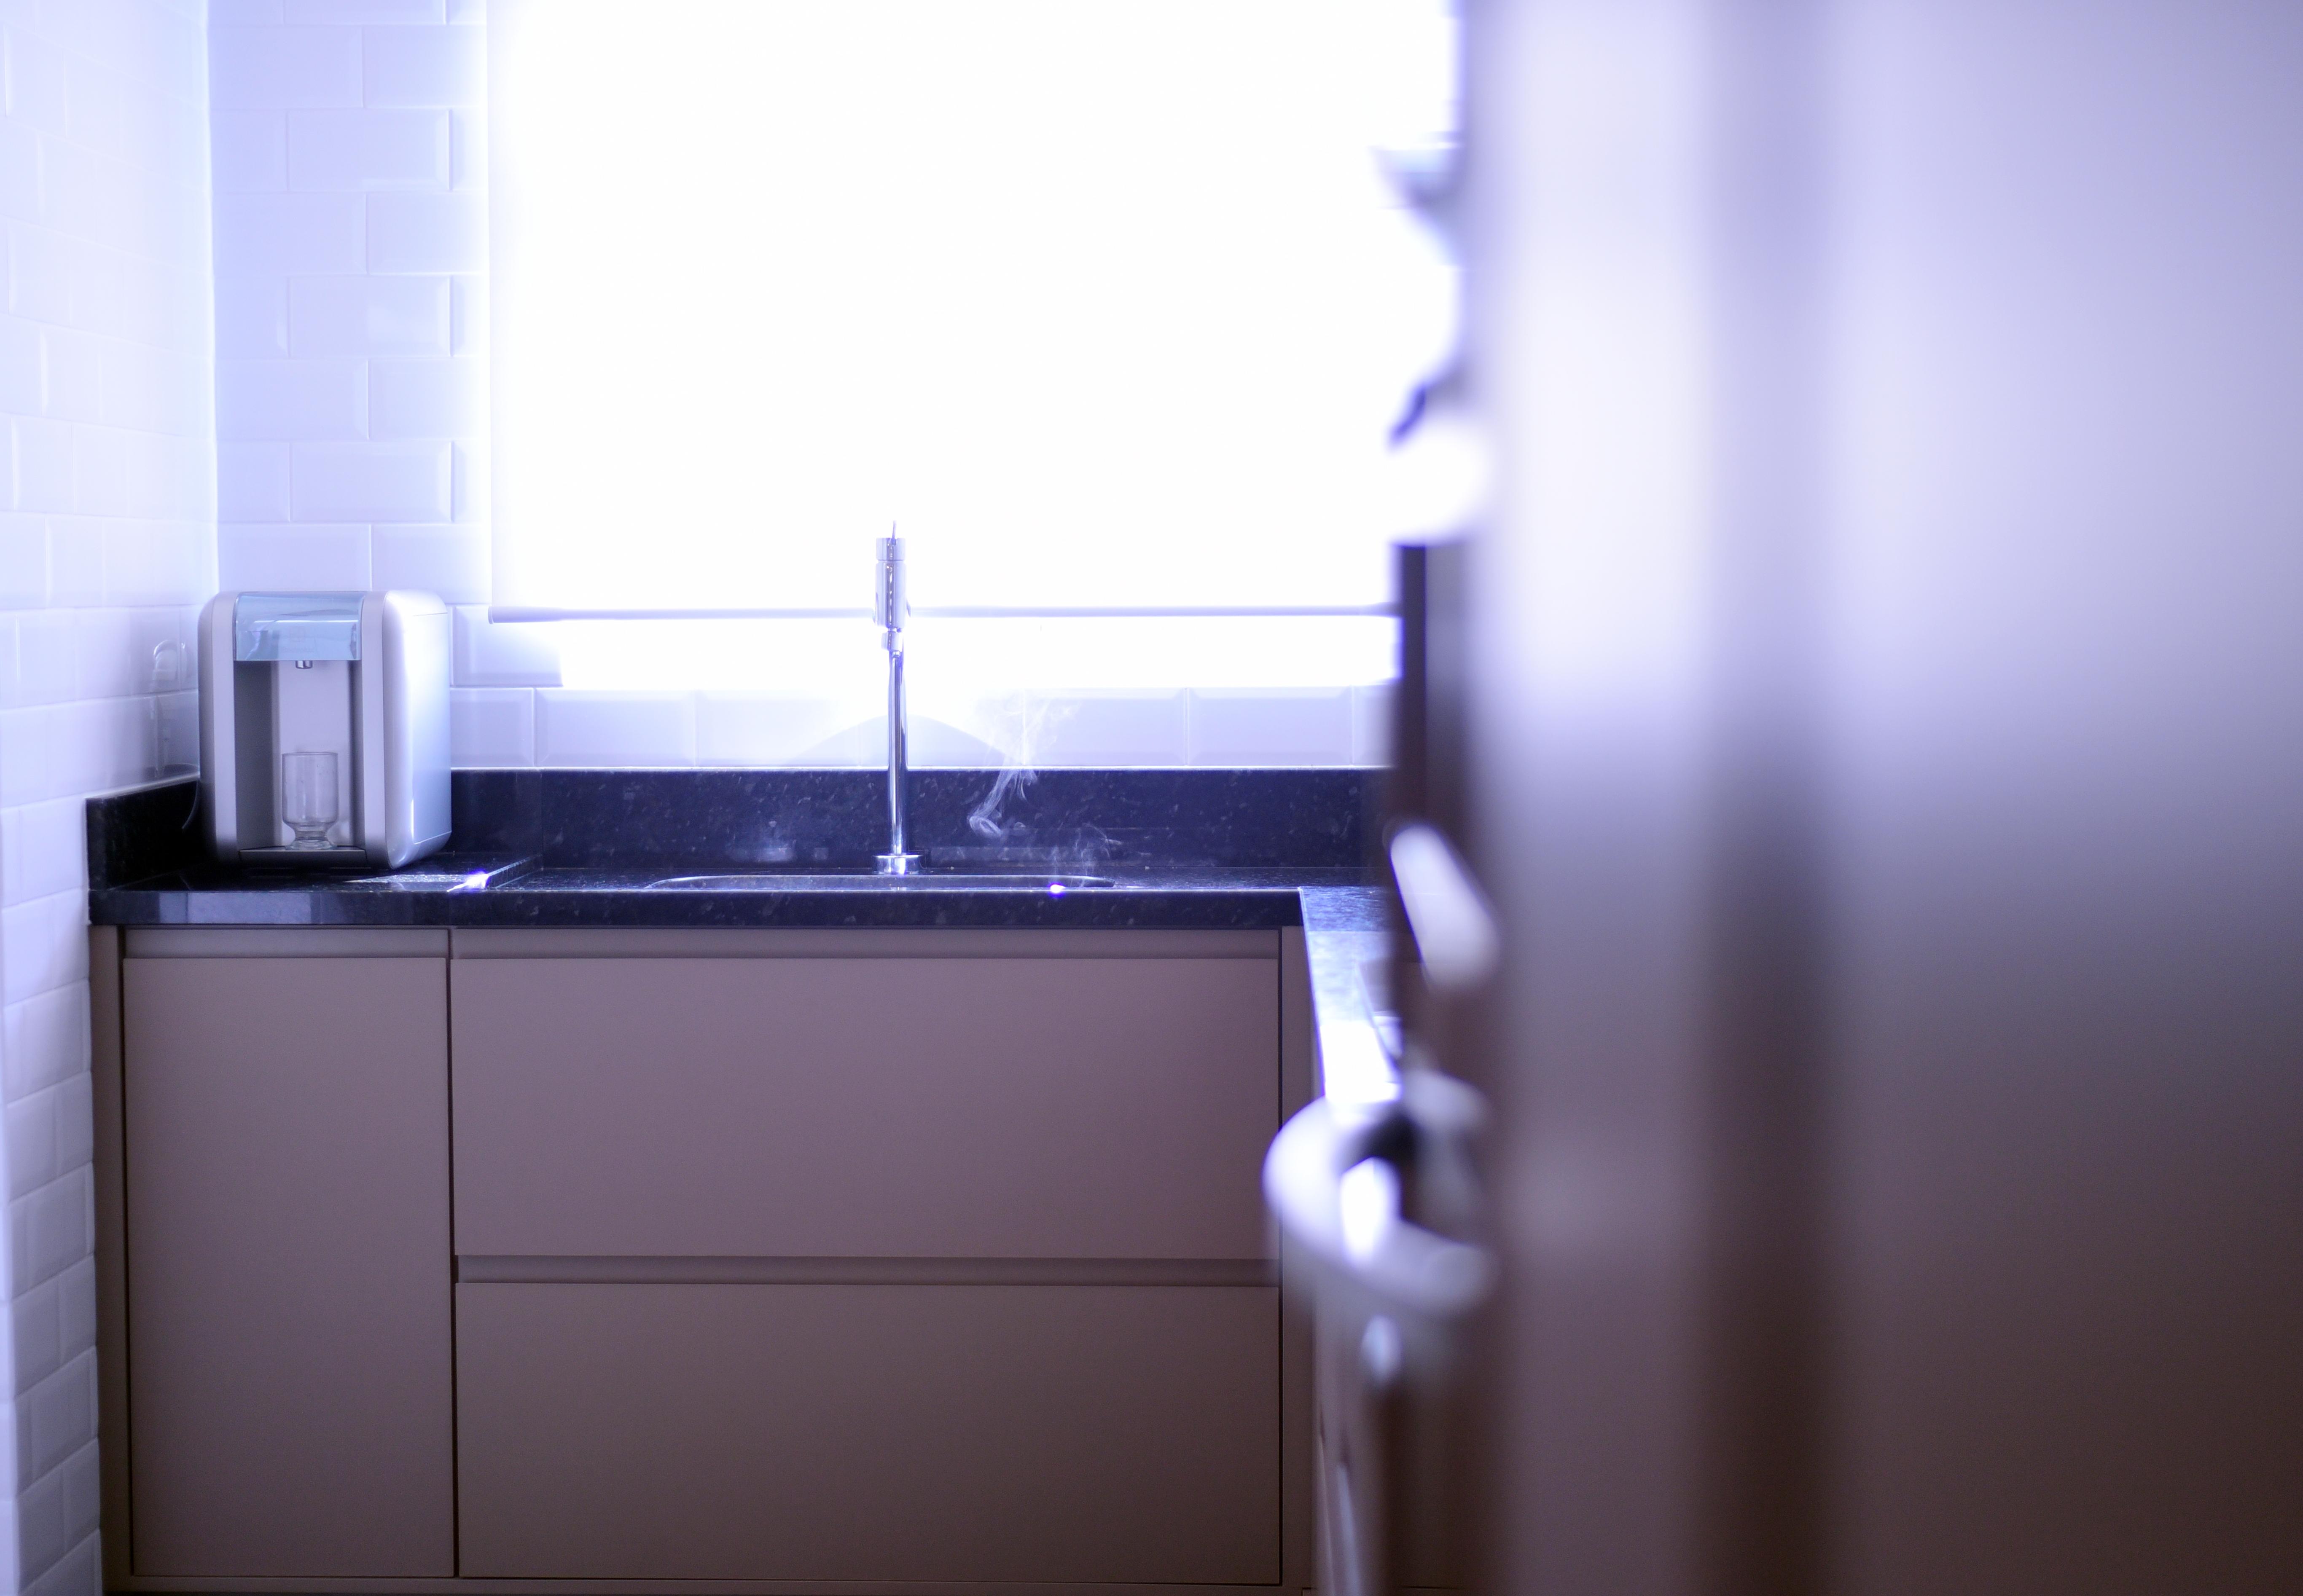 Projeto de design para reforma de apartamento moderno em Curitiba - Estudio Murilo Zadulski Interiores - Projeto cozinha moderna minimalista 01